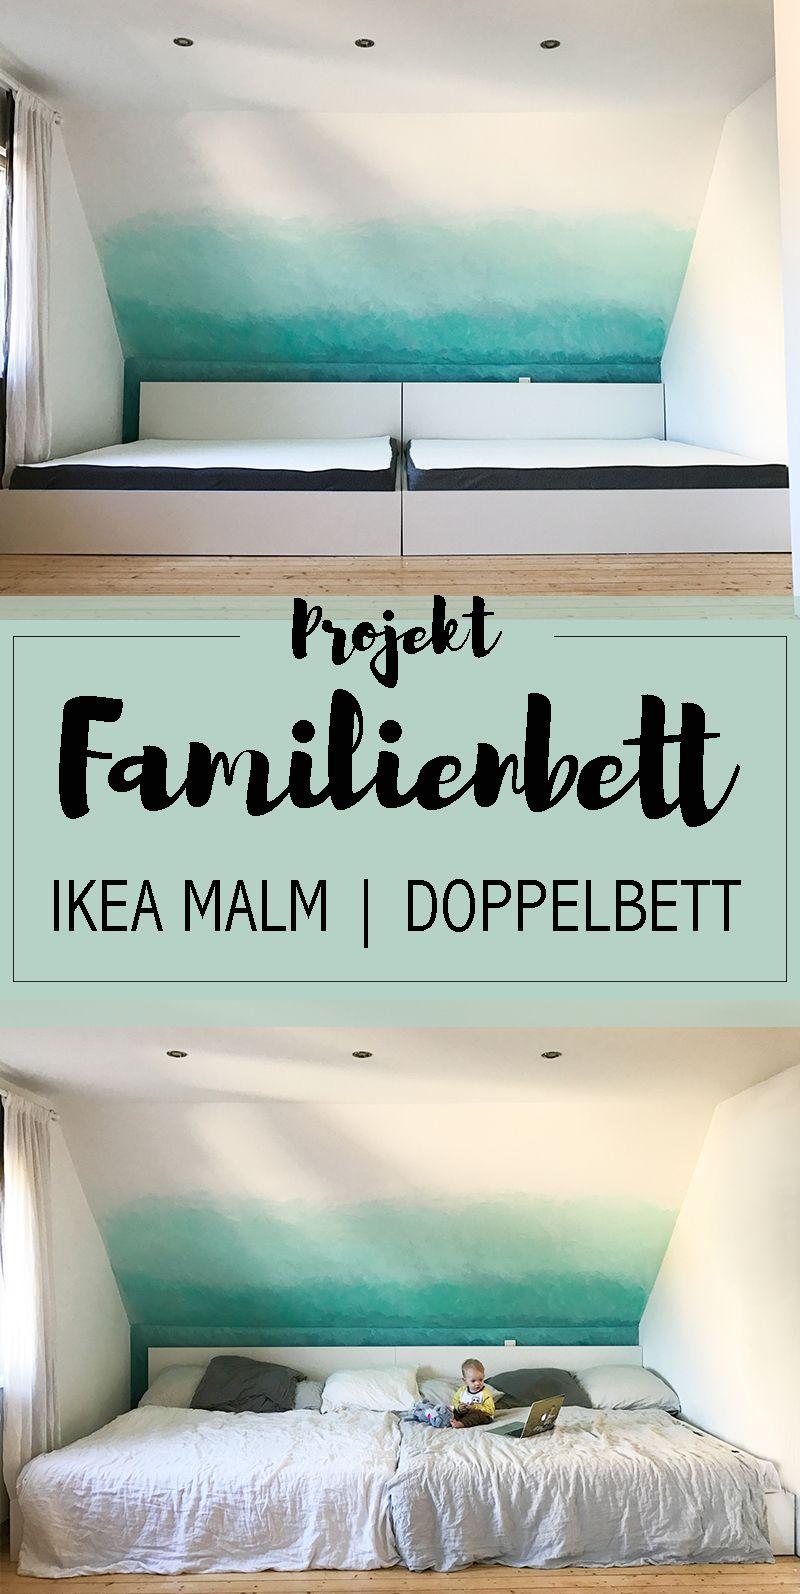 projekt großes familienbett xxl | ikea malm, hacks and ikea